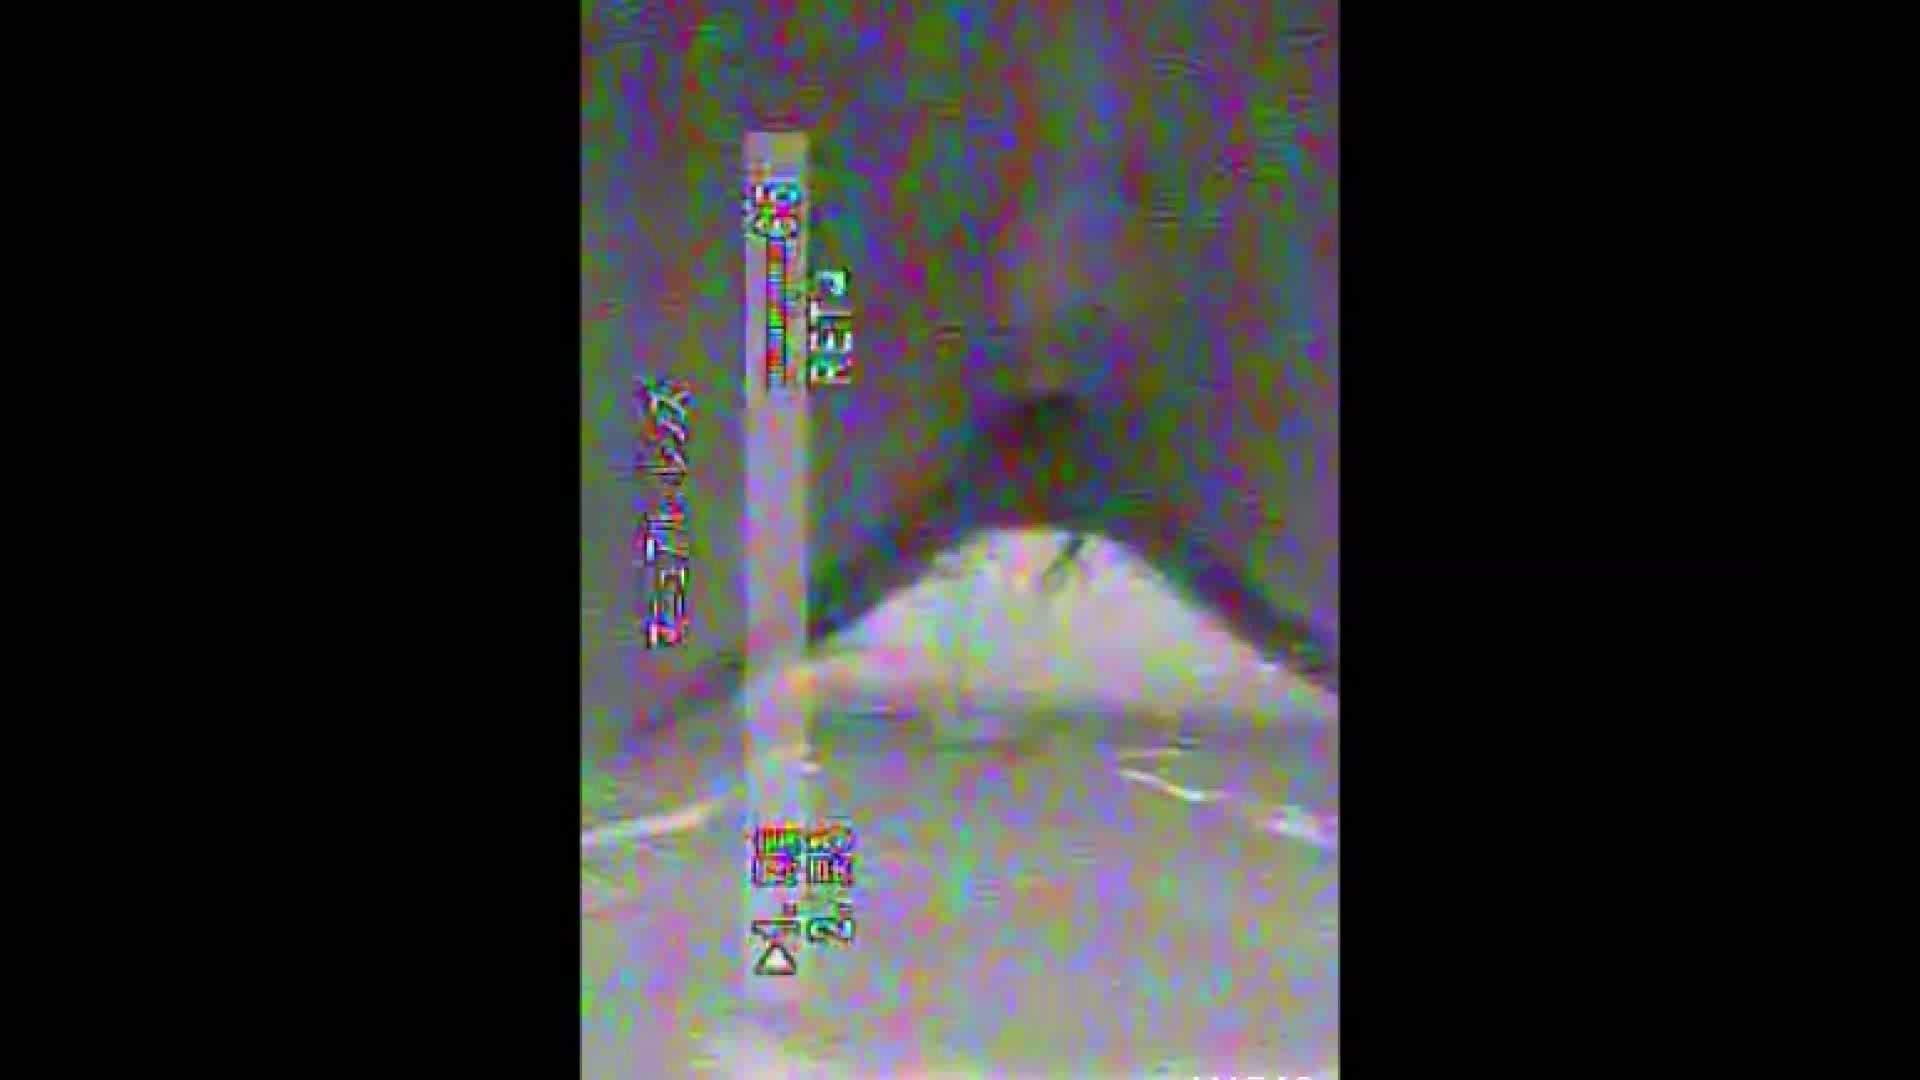 キレカワ女子大生の秘密の洗面所!Vol.021 OLの実態 盗撮セックス無修正動画無料 54pic 26